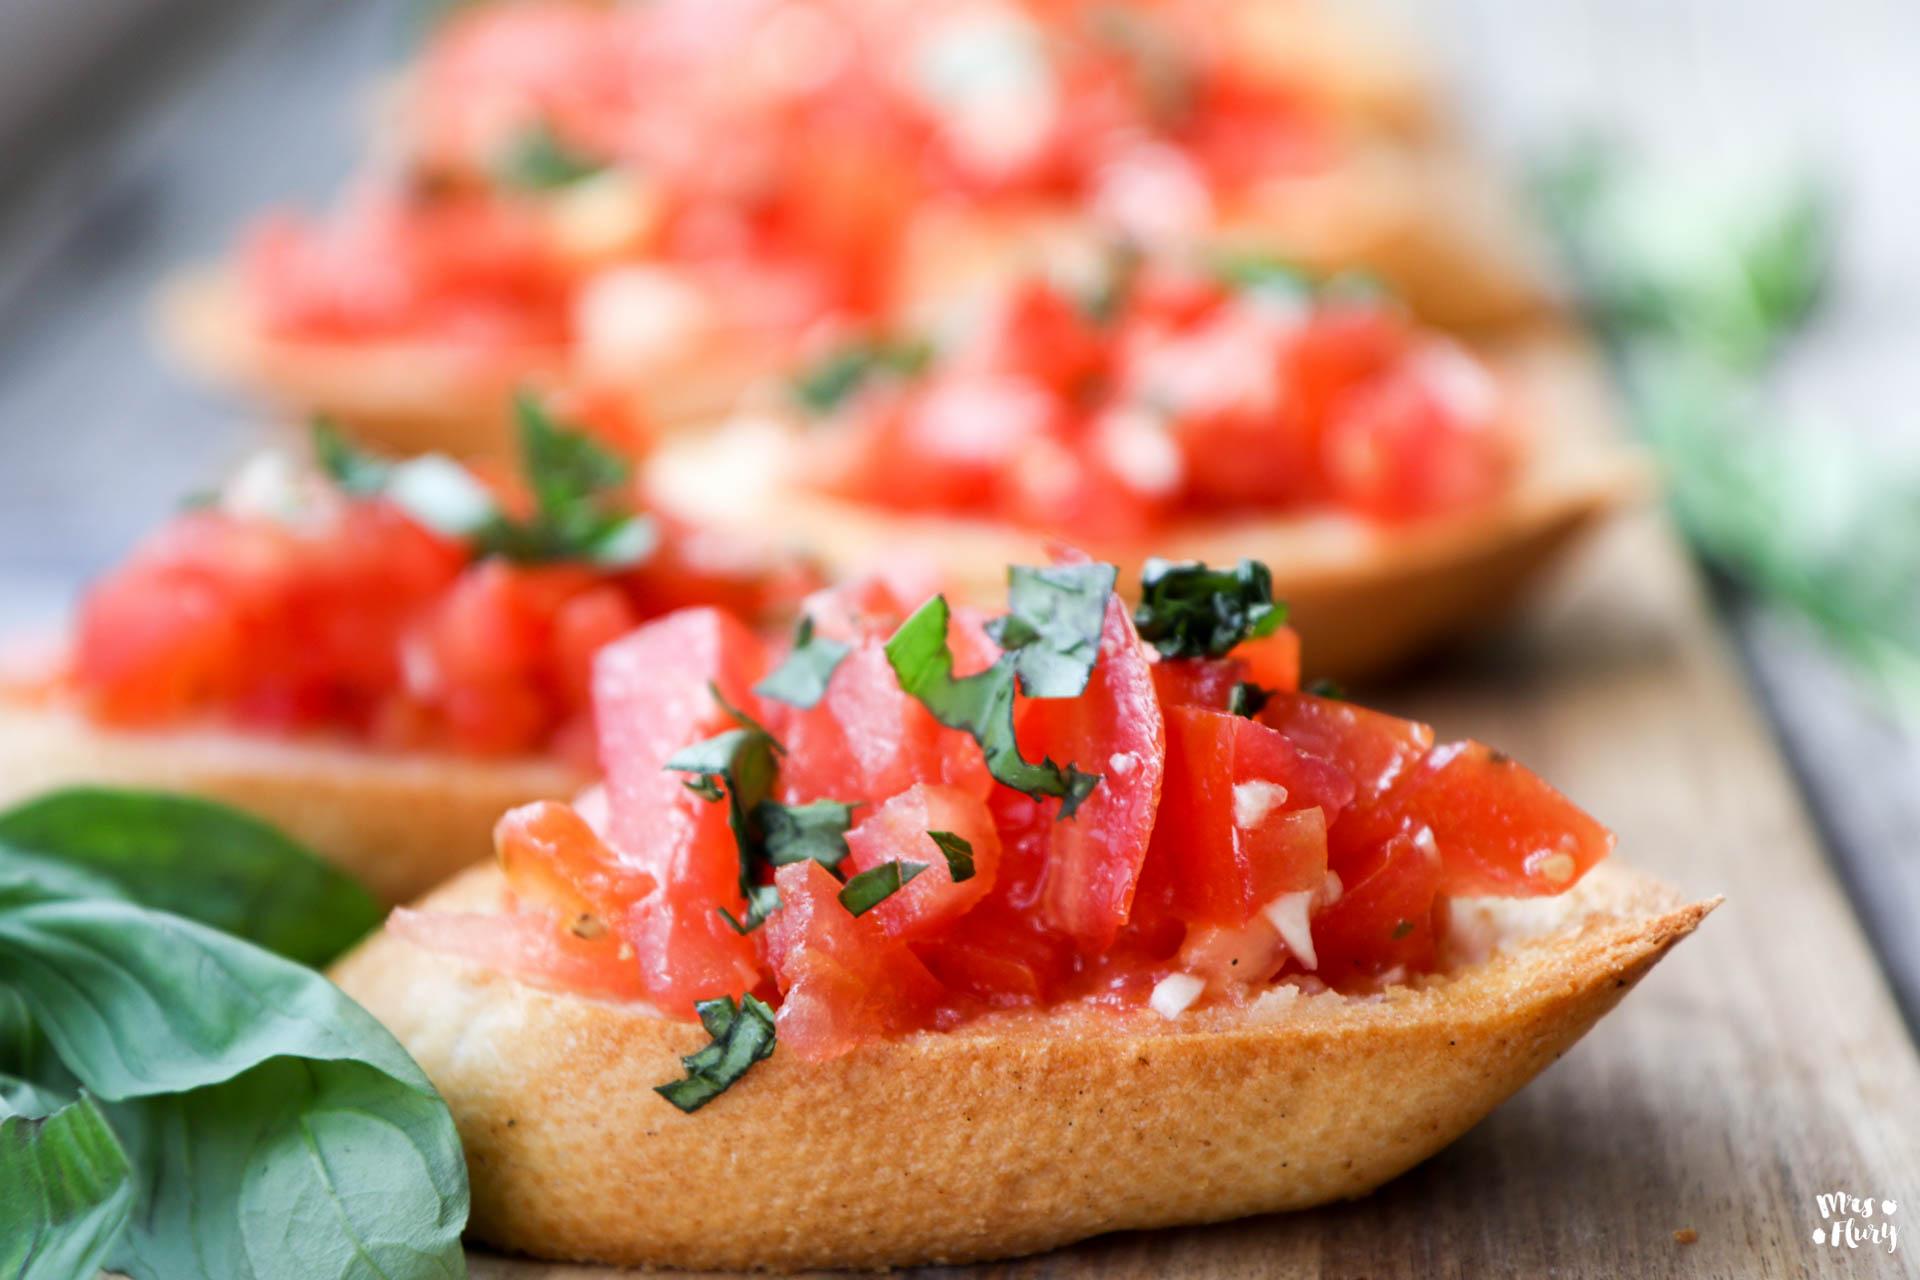 bruschetta mit tomaten einfach vegan und lecker mrs flury gesund essen leben. Black Bedroom Furniture Sets. Home Design Ideas